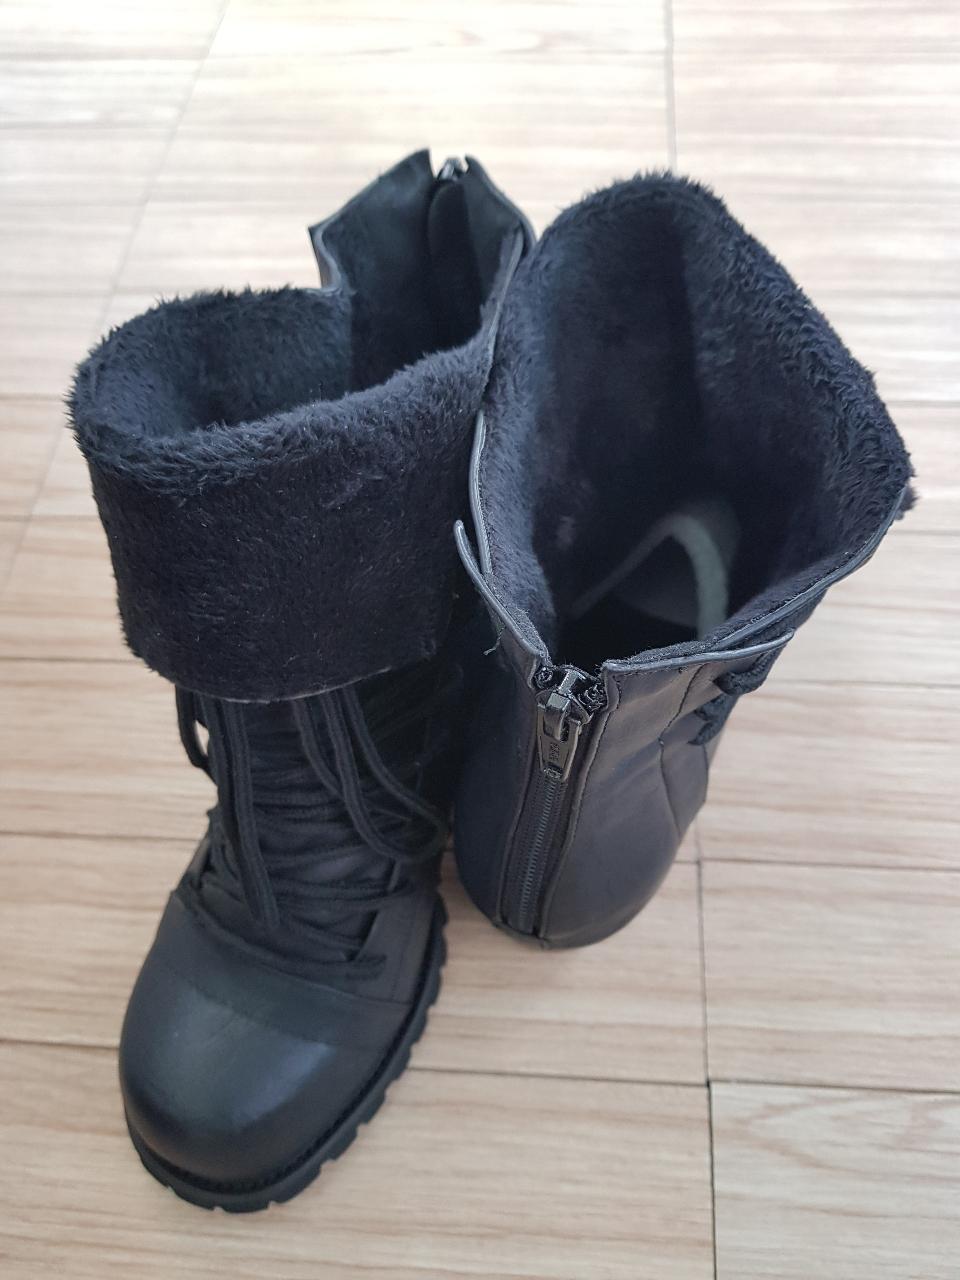 겨울용 부츠 굽높이 6cm 정도 새신발 250mm 보관만한상태